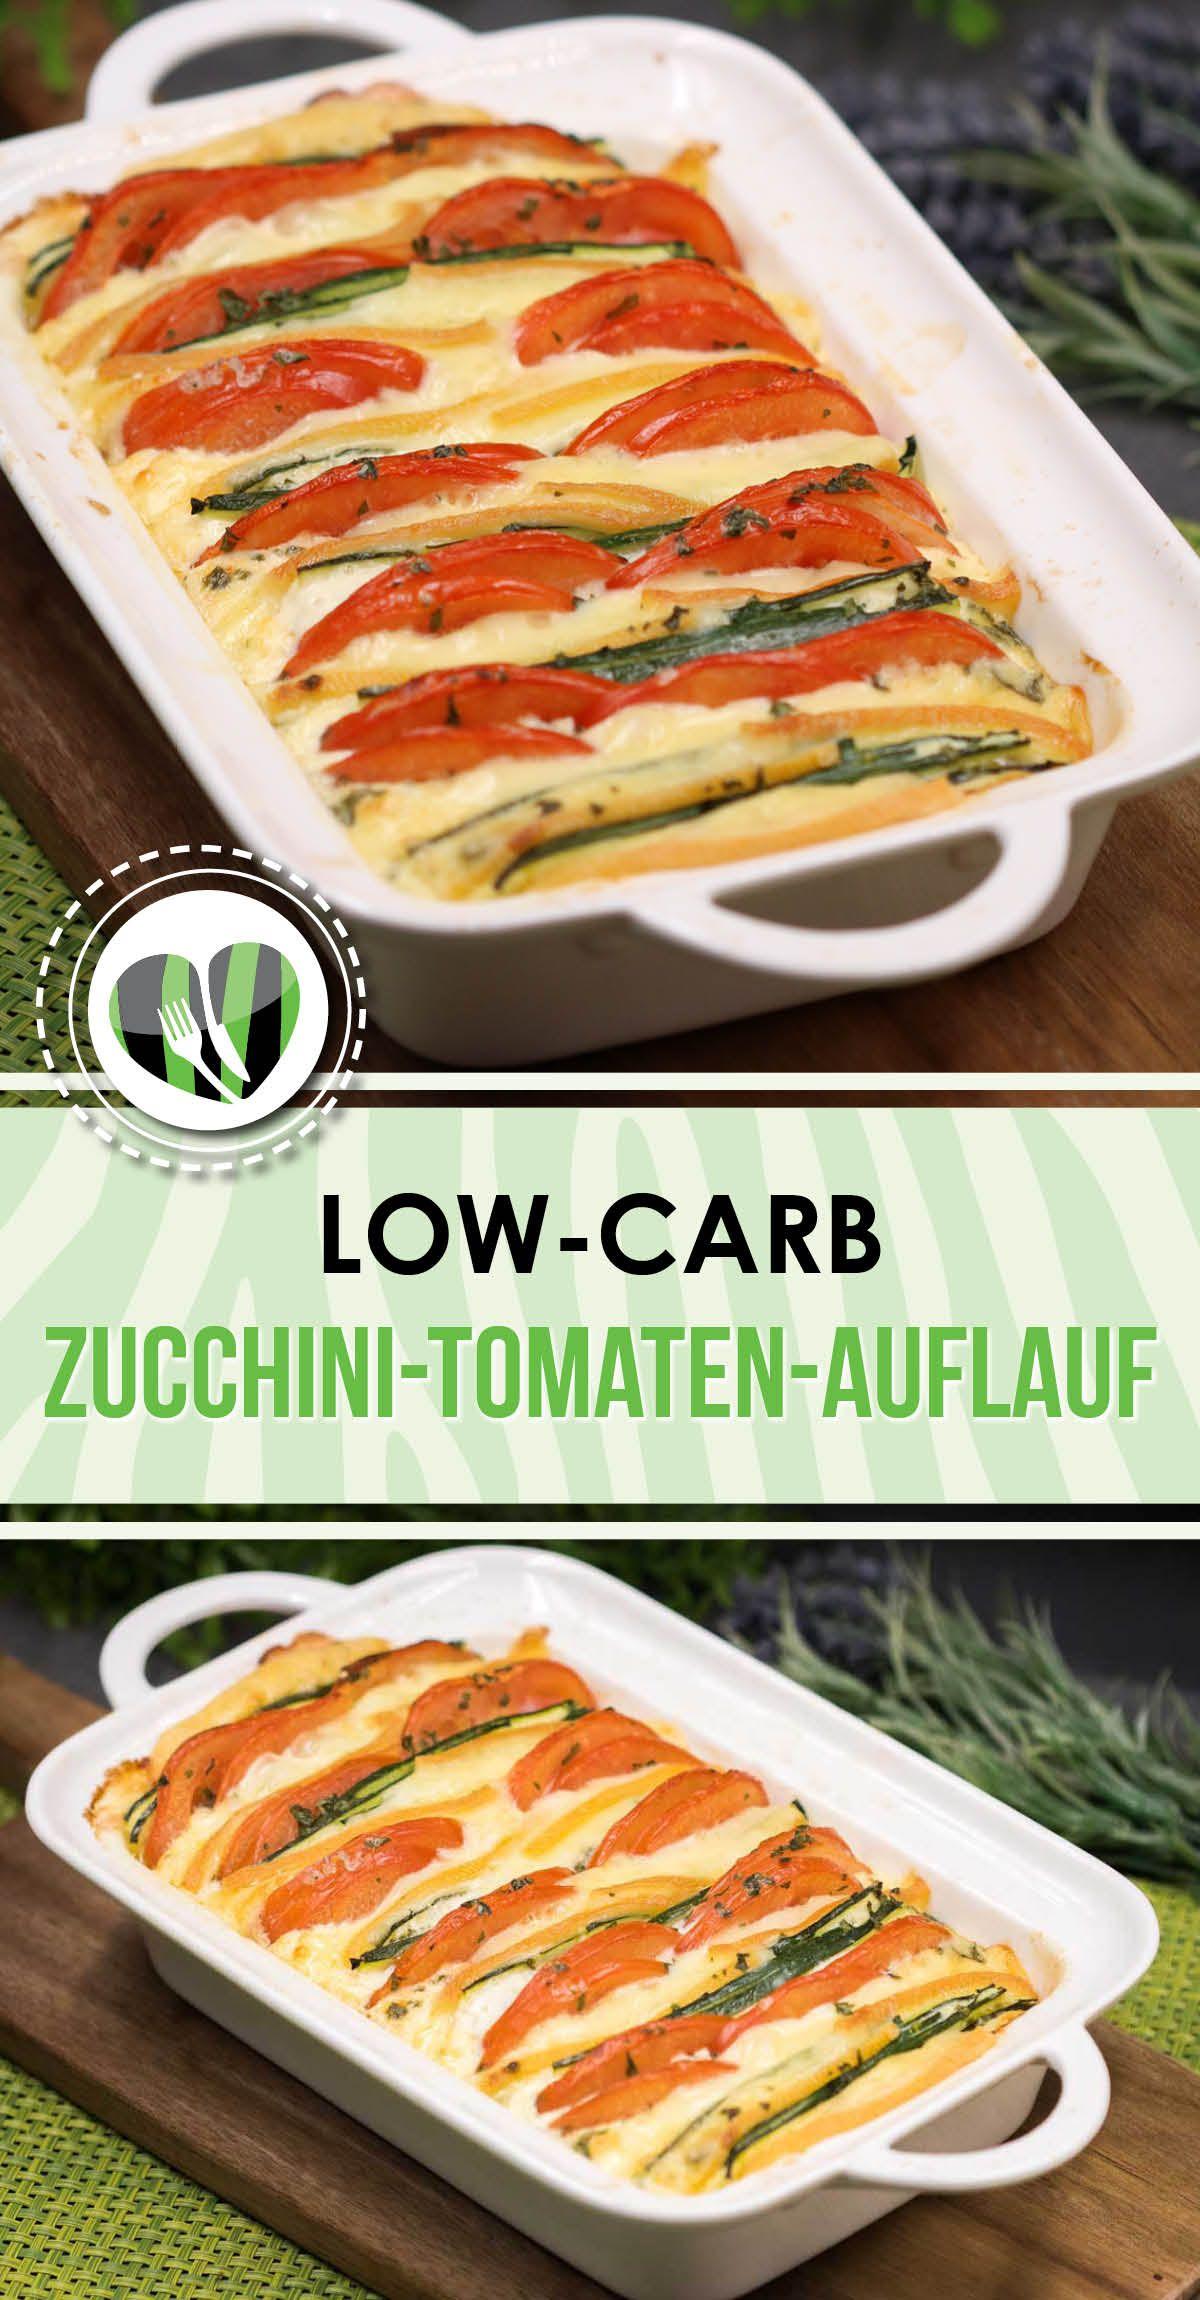 zucchini tomaten auflauf mit raclettek se essen. Black Bedroom Furniture Sets. Home Design Ideas